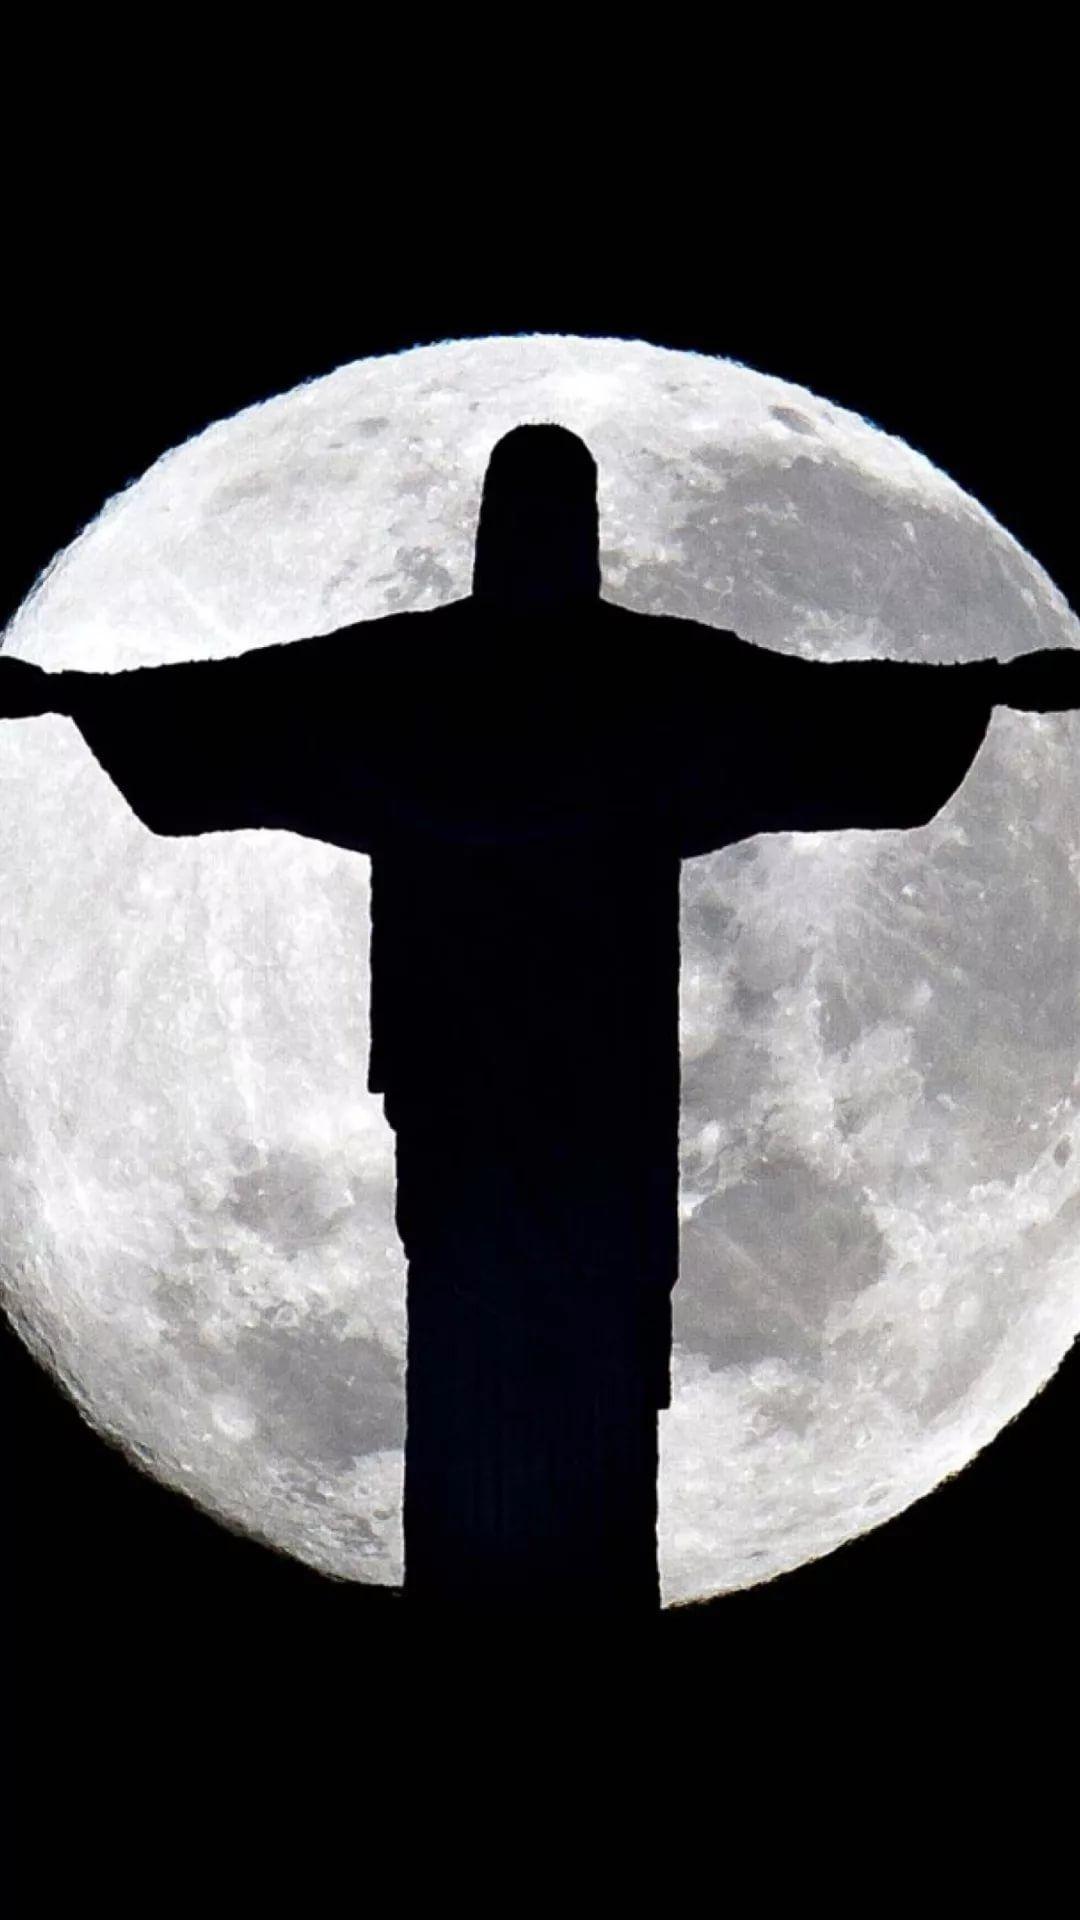 Jesus Wallpaper Hd In 2020 Jesus Wallpaper Jesus Images Jesus On The Cross